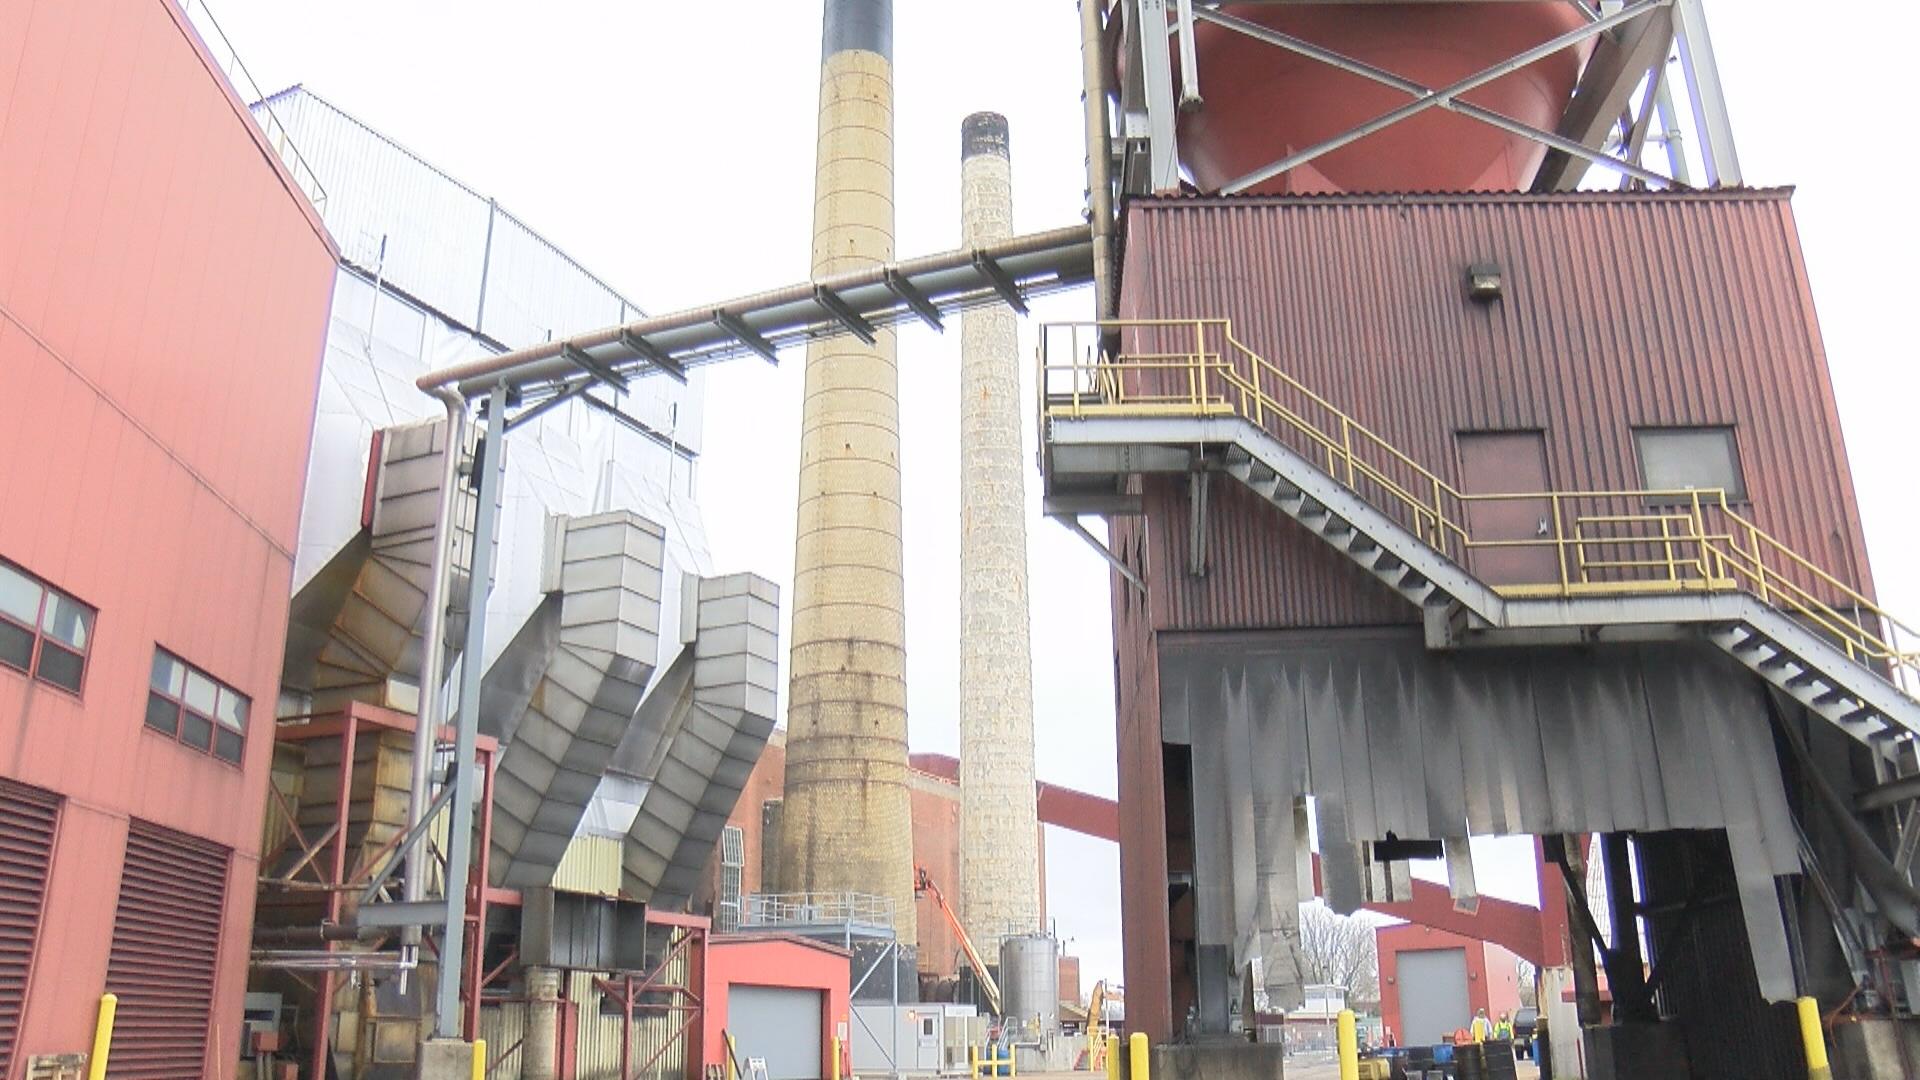 abbott power plant_1491427022339.jpg